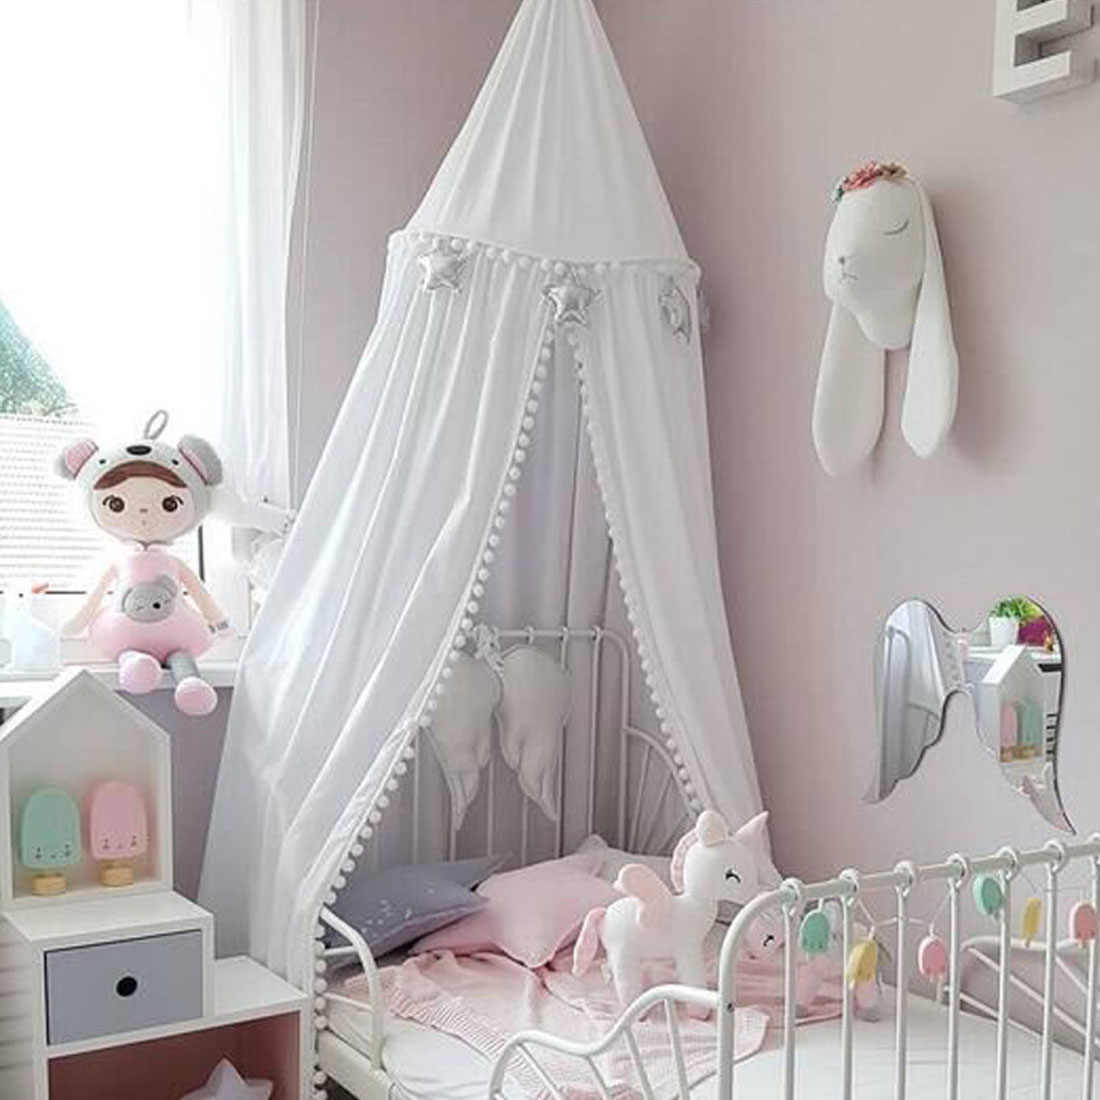 245cm Baumwolle Baby Zimmer Dekoration Kugeln Moskito Net Kinder Prinzessin Bett Vorhang Baldachin Runde Krippe Netting Zelt Fotografie requisiten